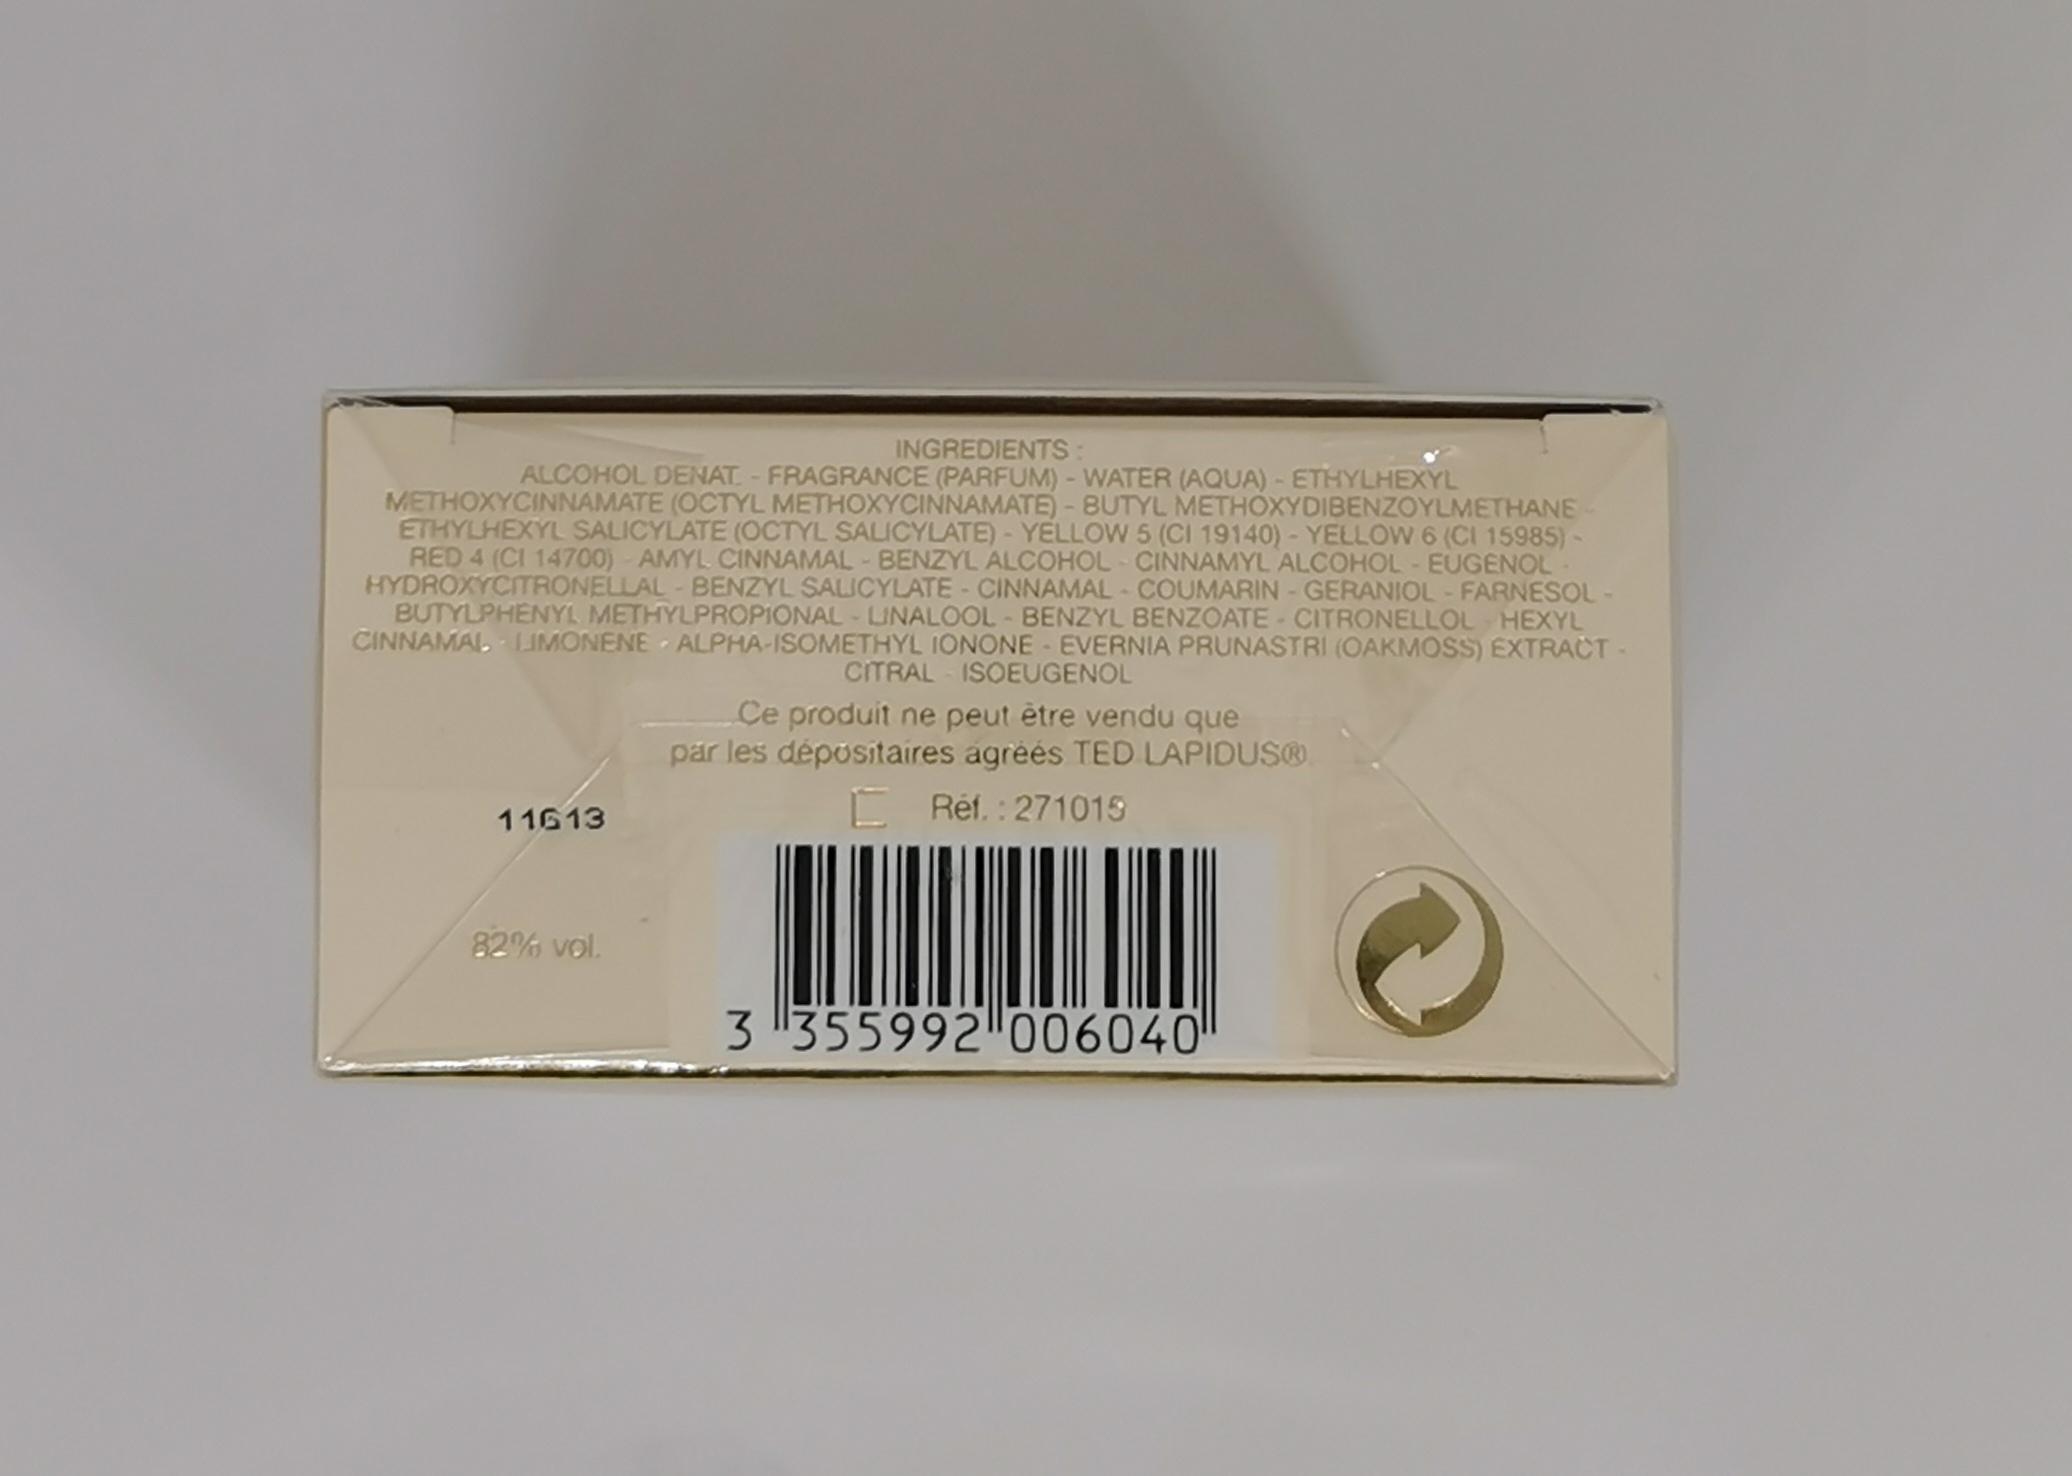 Туалетная вода 40 мл Ted Lapidus Creation - фото штрих-кода и батч-кода на коробке